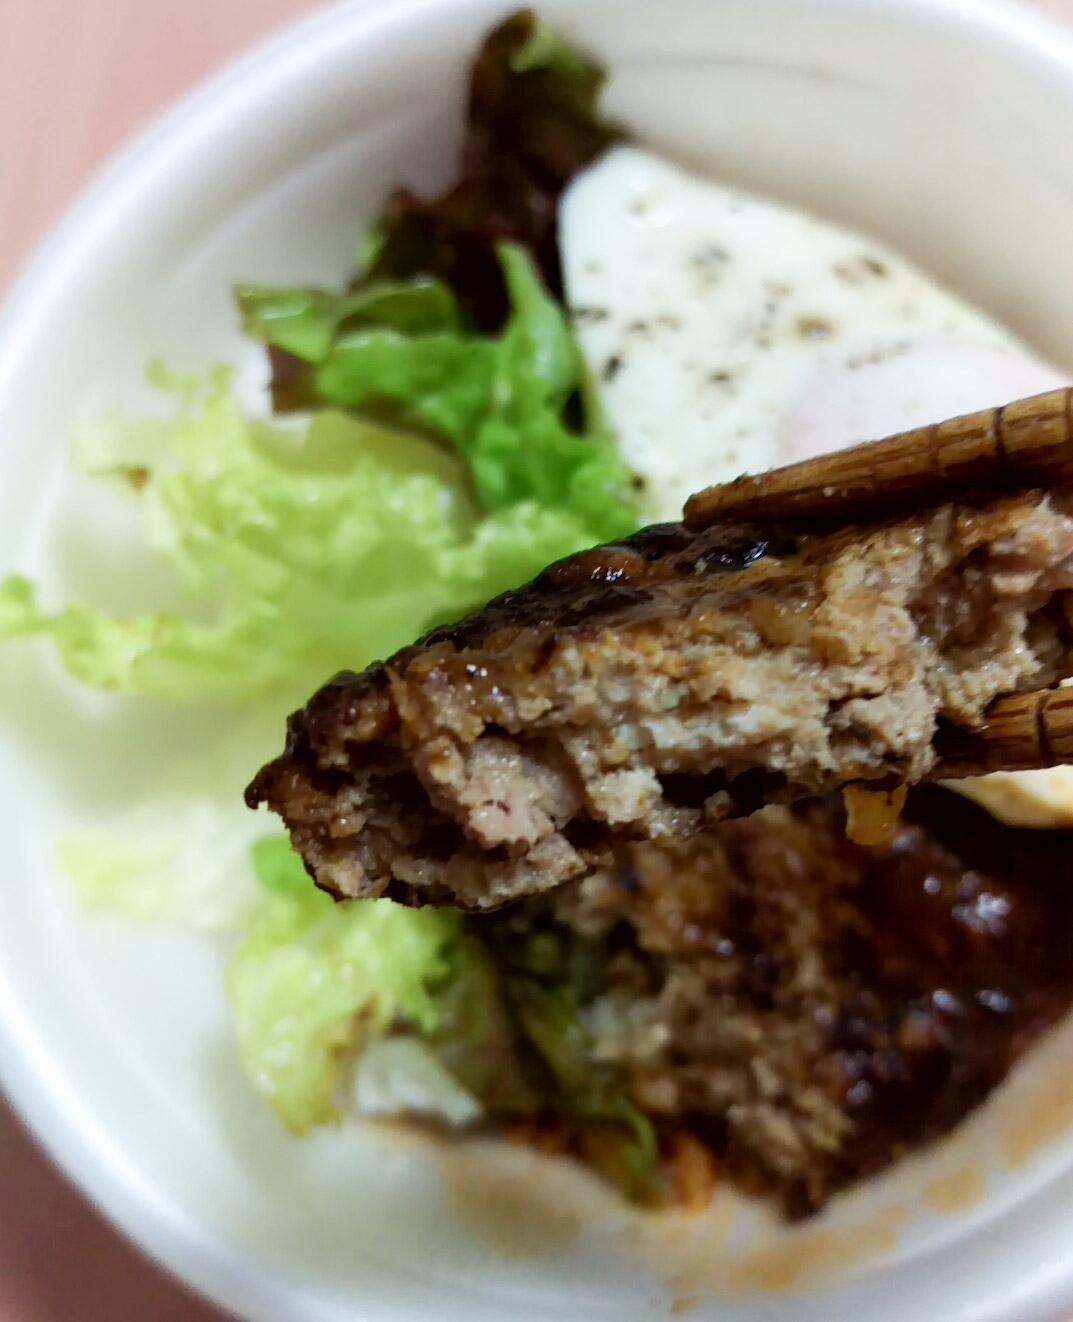 塩気の利いた豆腐つくねに、ウスターソースの甘みが感じられて冷えても美味!